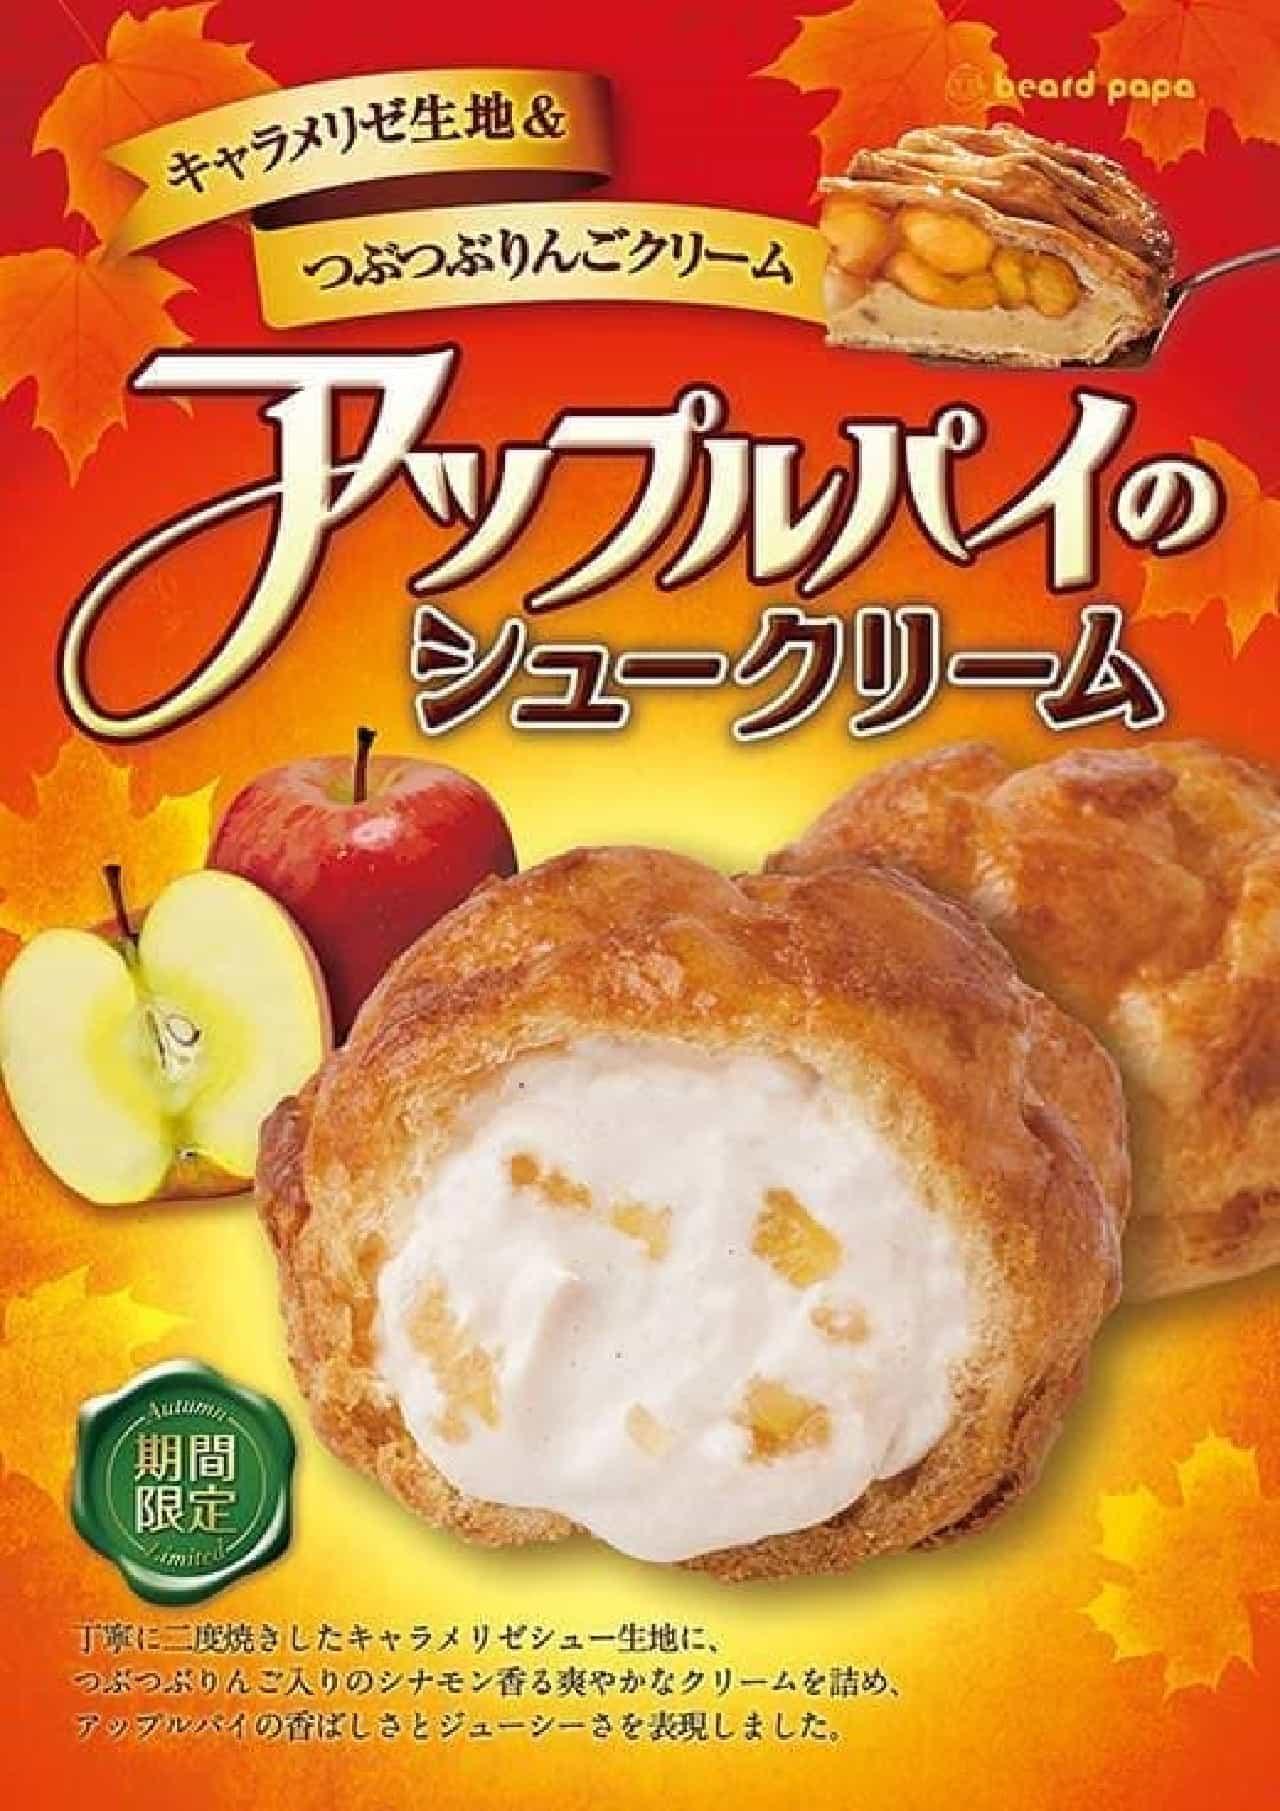 アップルパイのシュークリーム